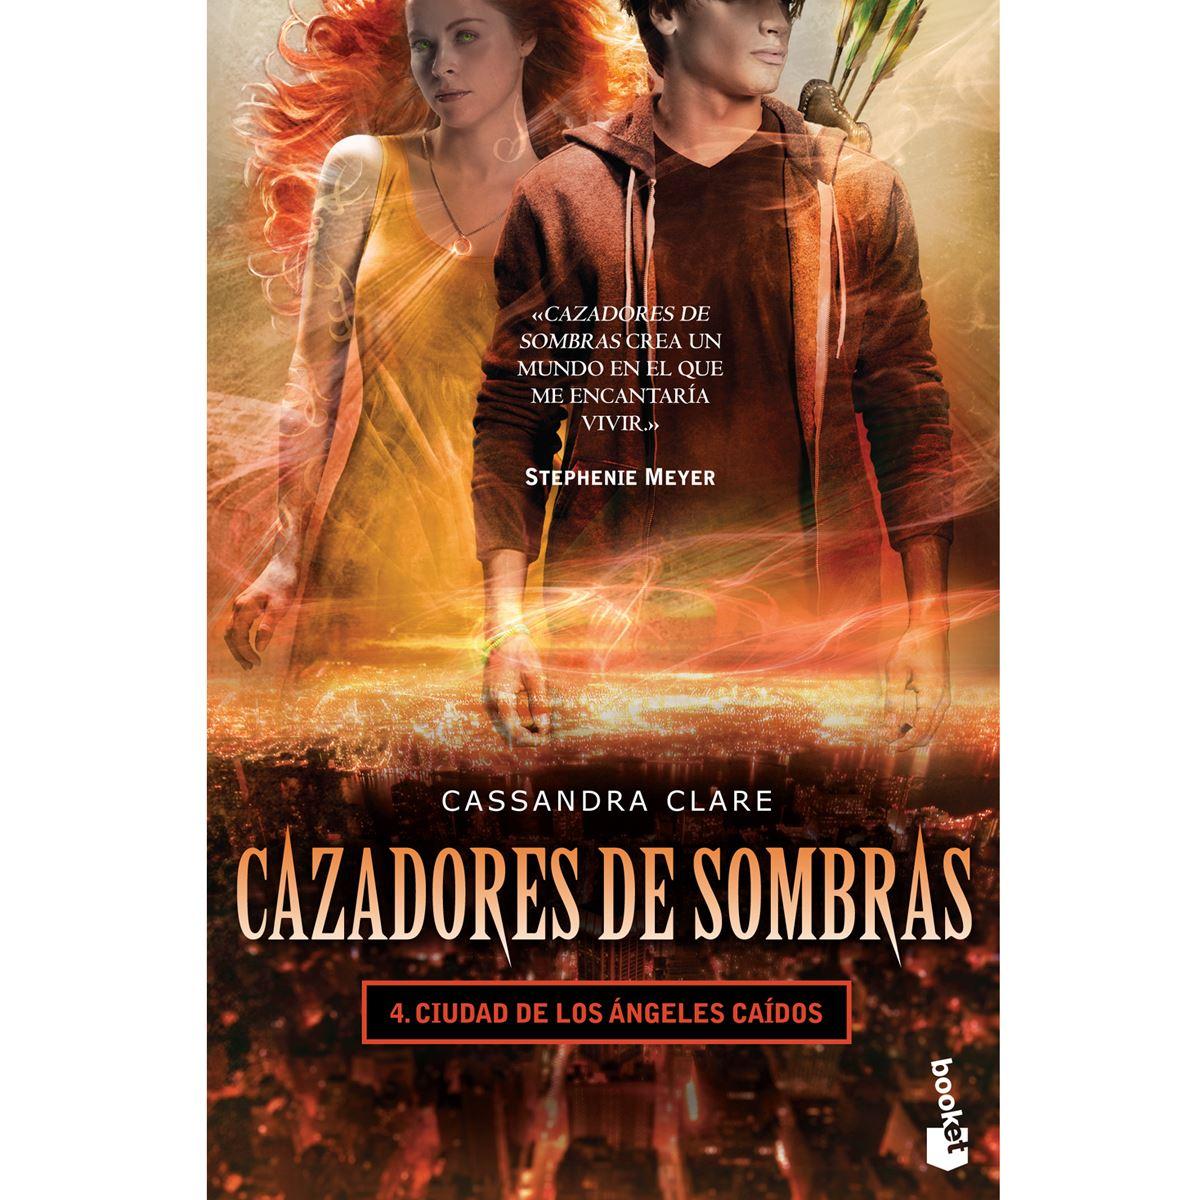 Cazadores de sombras 4. ciudad de los ángeles caídos Libro - Sanborns